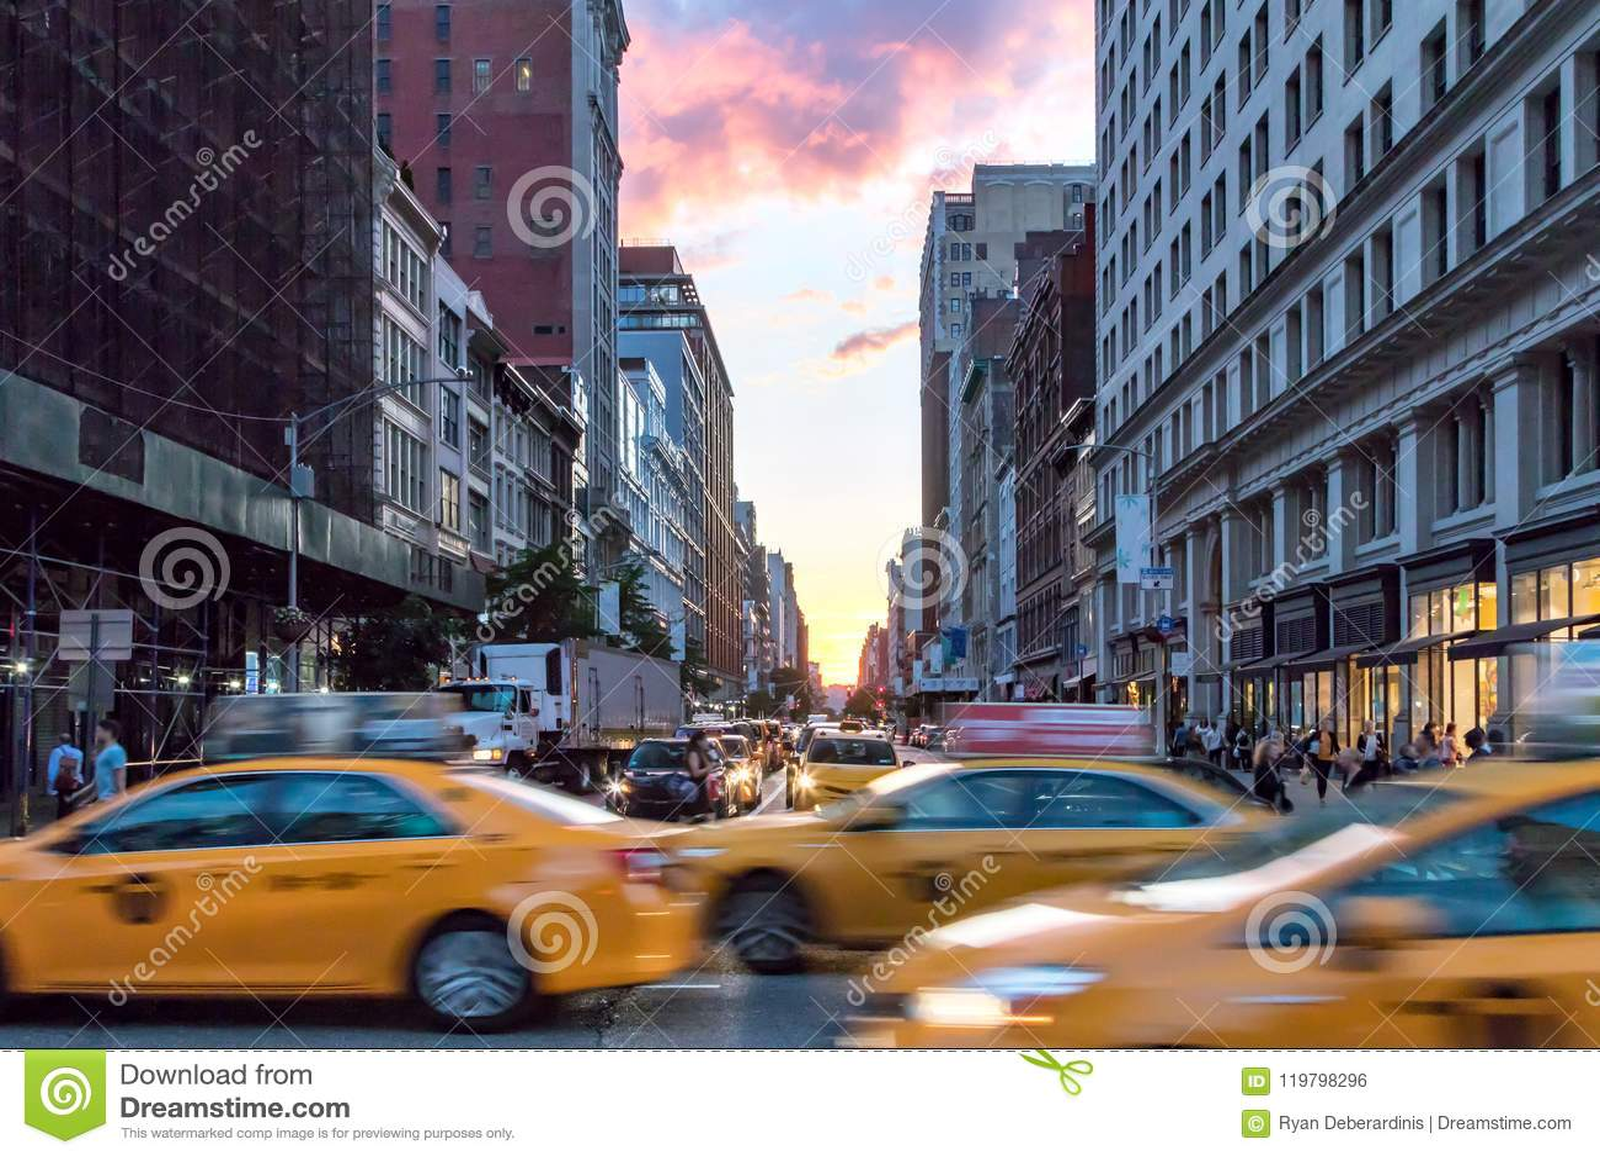 Táxis de táxi amarelos que apressam-se abaixo de Broadway durante horas de ponta em New York City